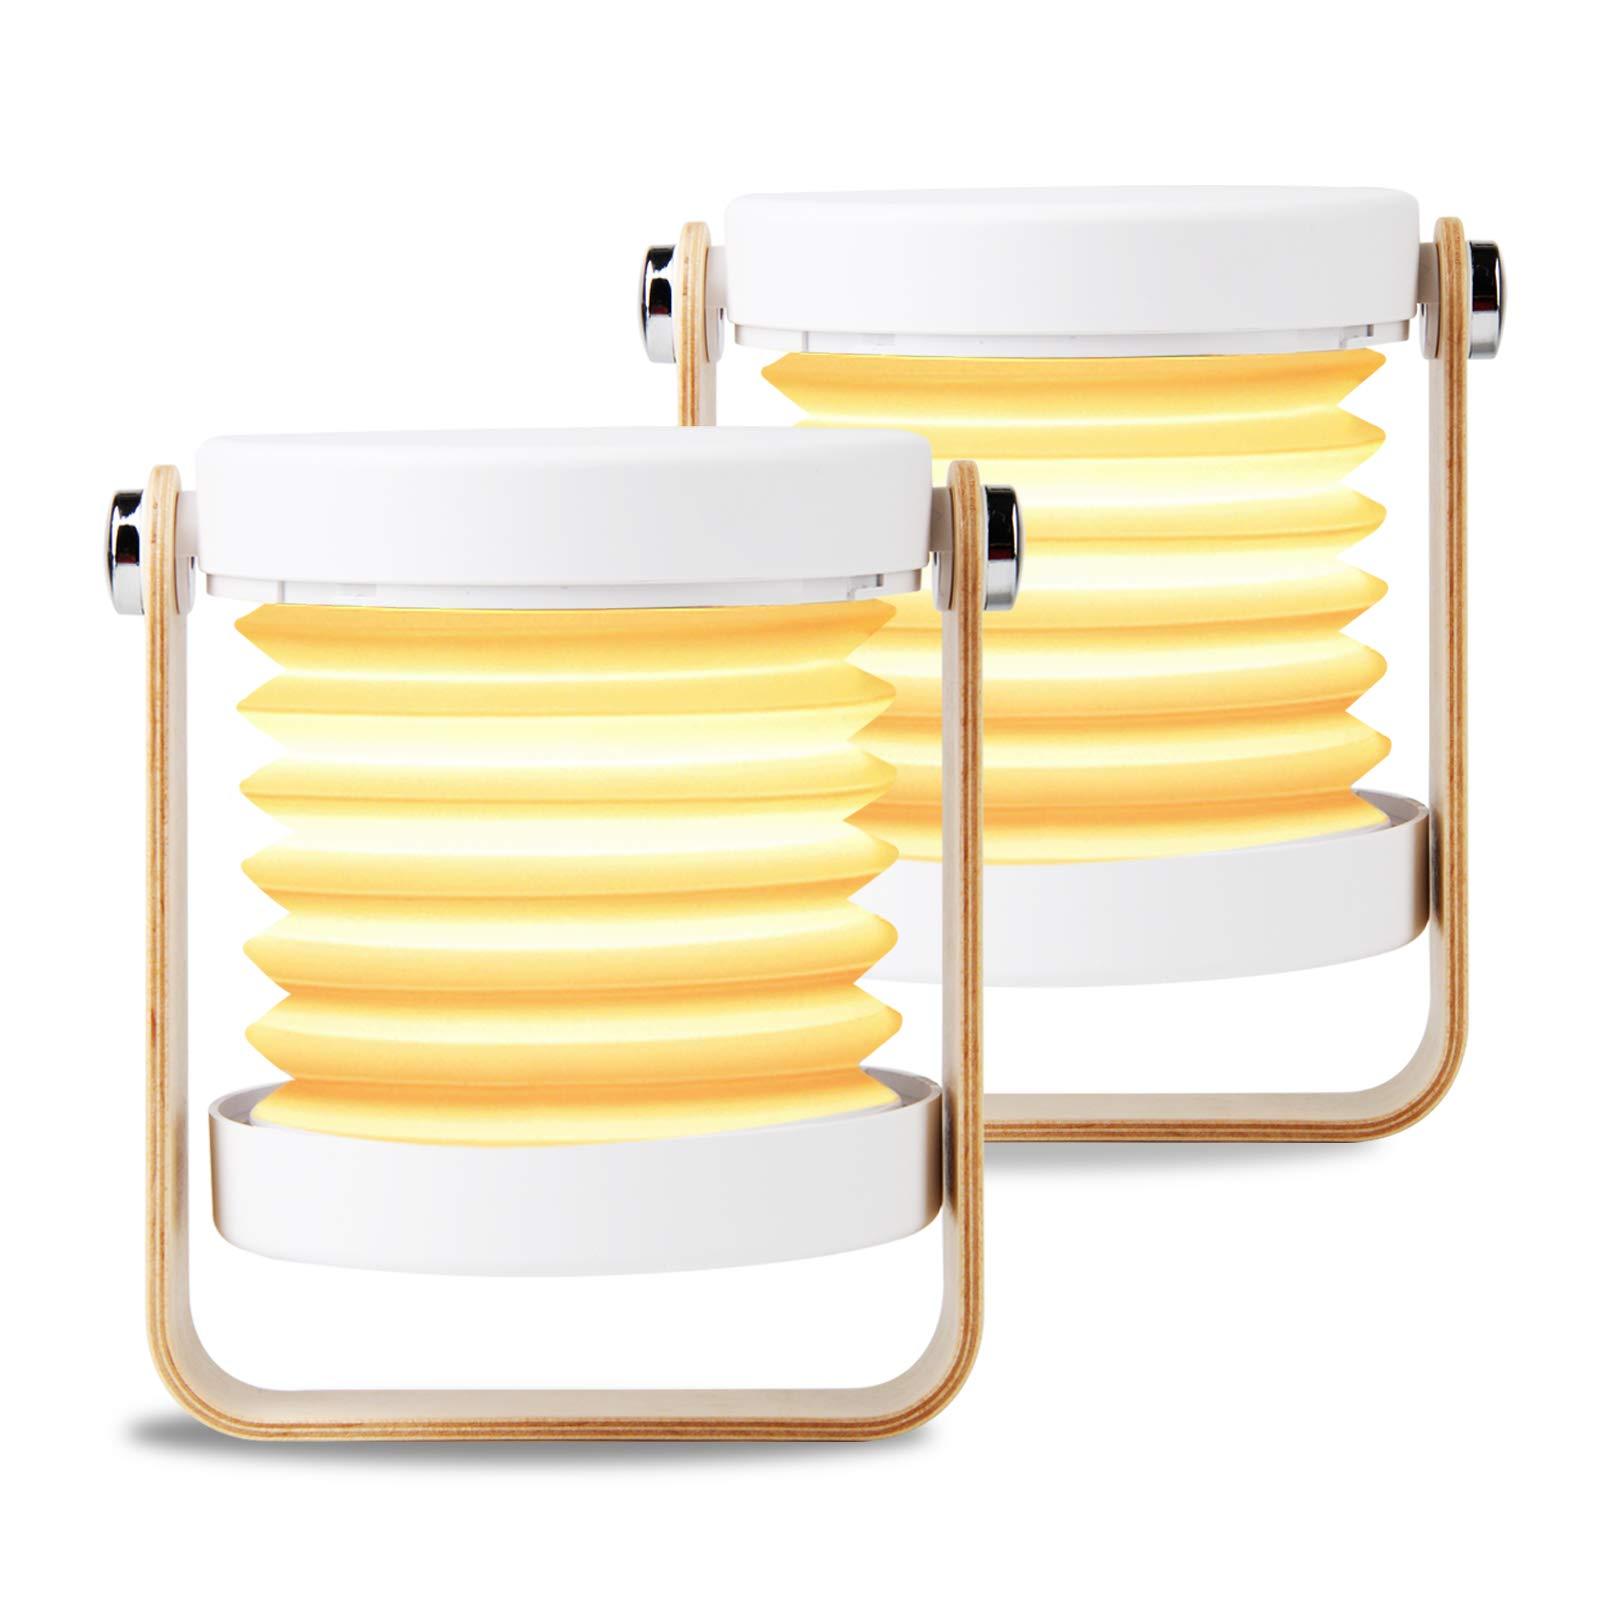 Lampen & Schirme Stehlampen Angemessen Led Tisch Lampe Boden Lampe Lampe Nacht Schlafzimmer Wohnzimmer Eleganter Auftritt